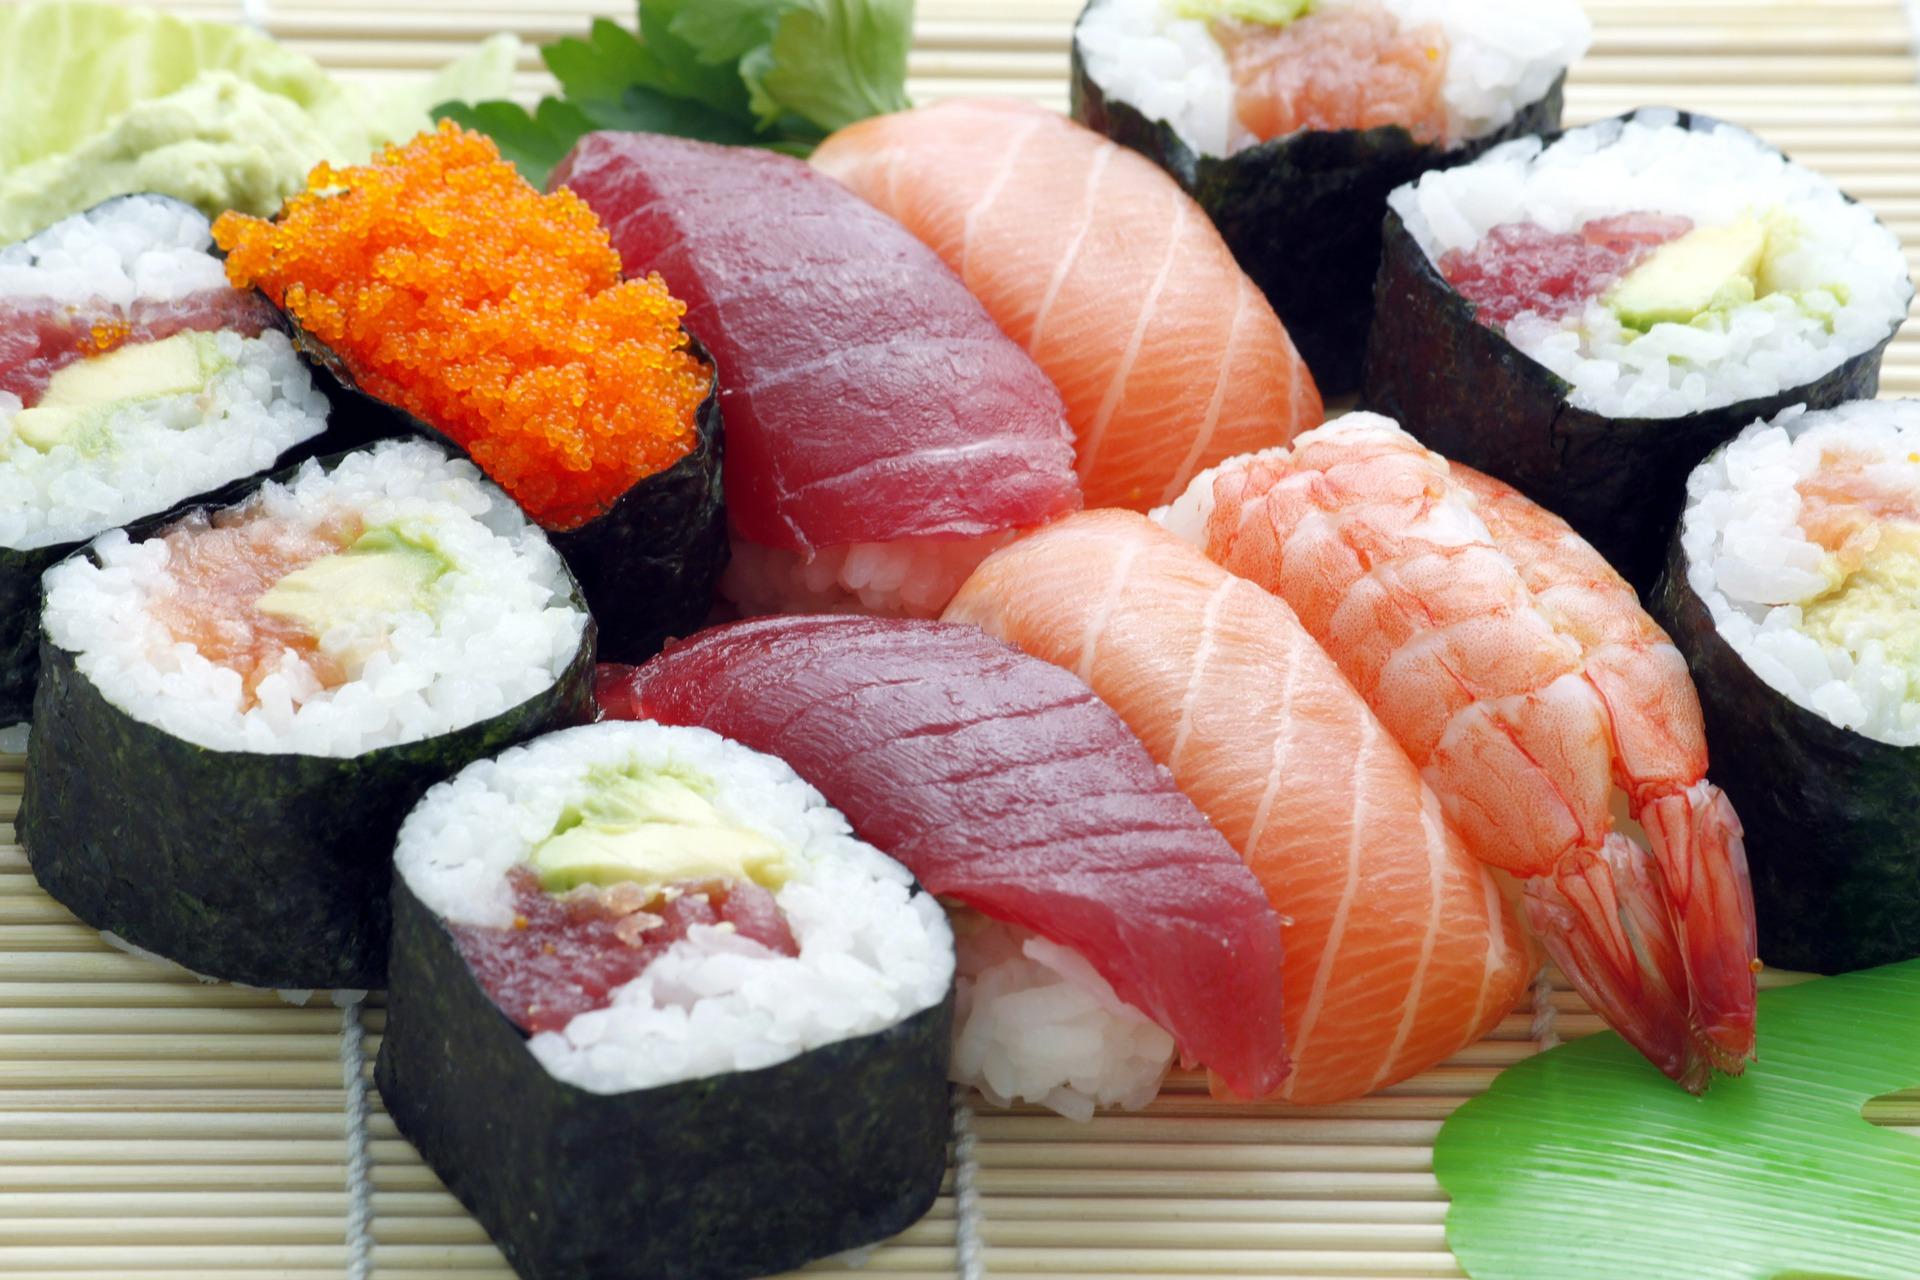 """Pesce crudo, tra Omega-3 e parassiti. La guida di """"Sicurezza alimentare"""""""